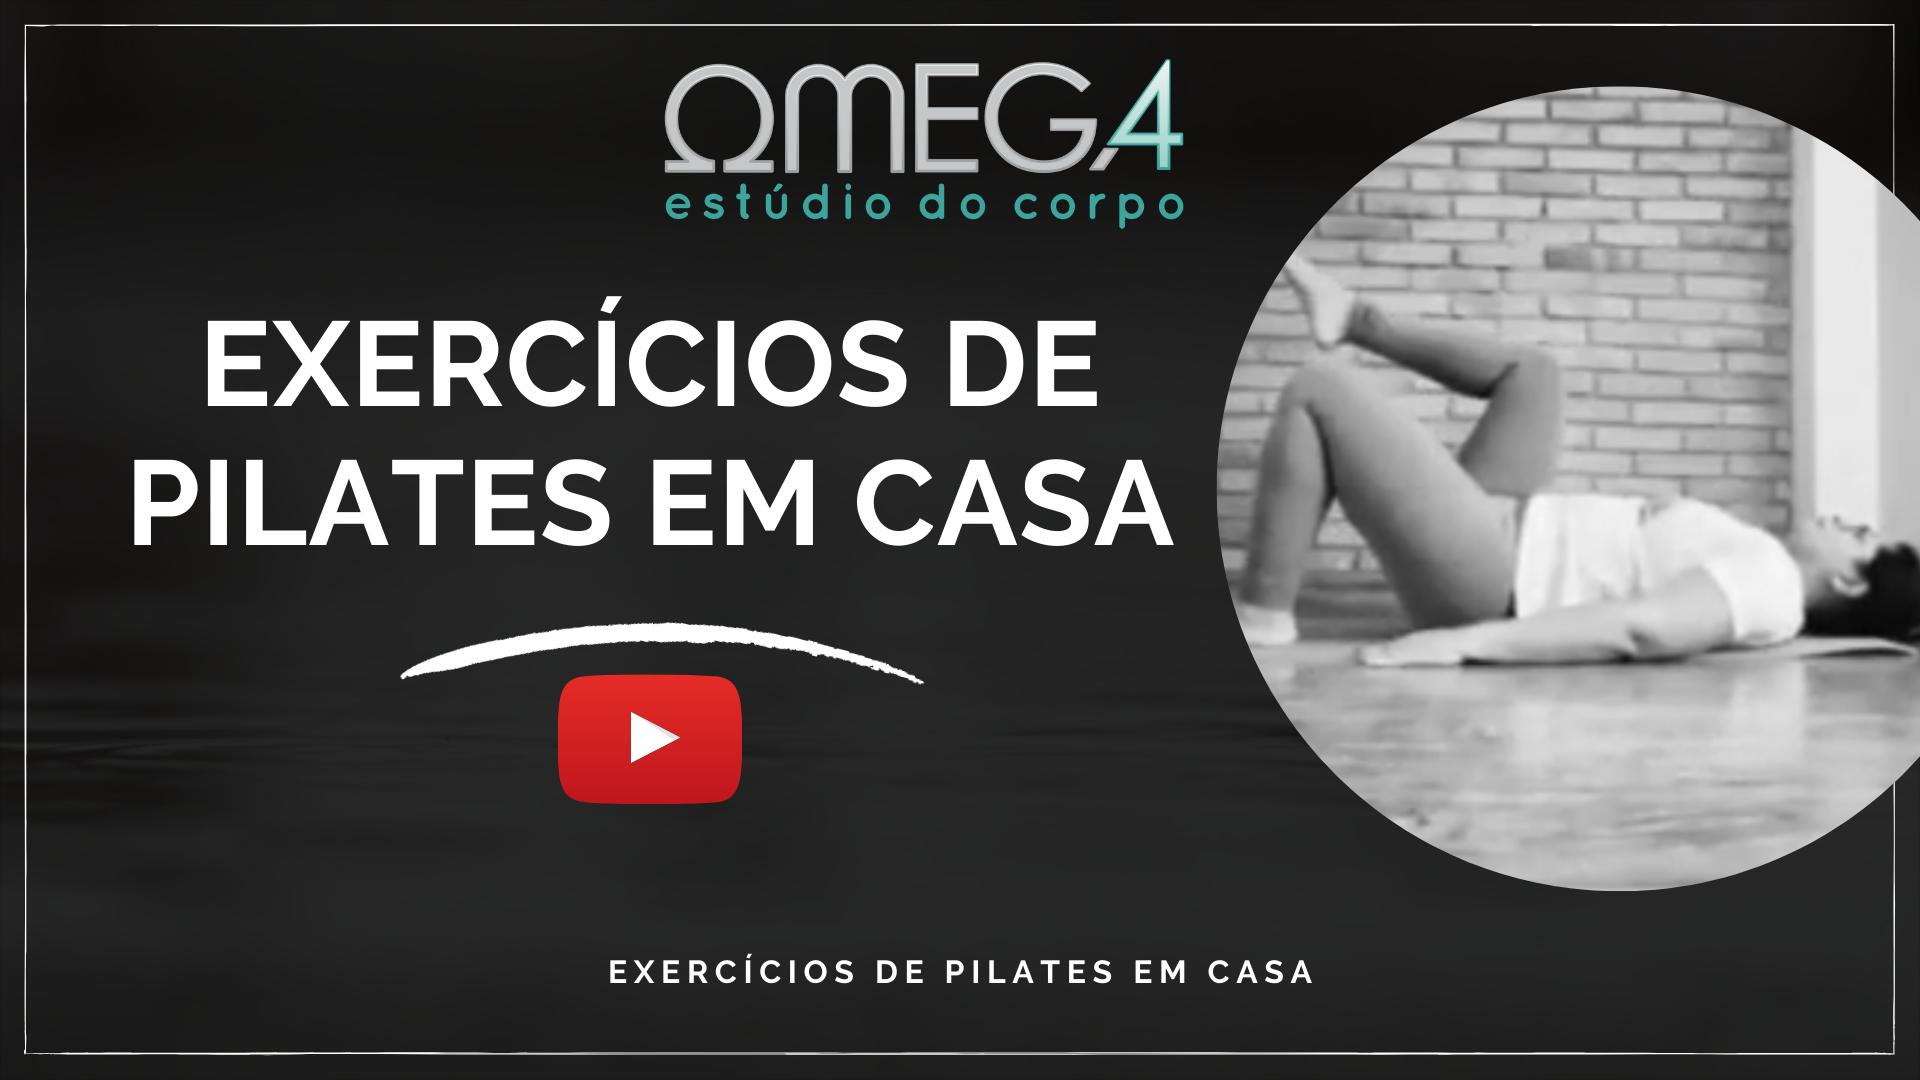 exercicios-de-pilates-em-casa